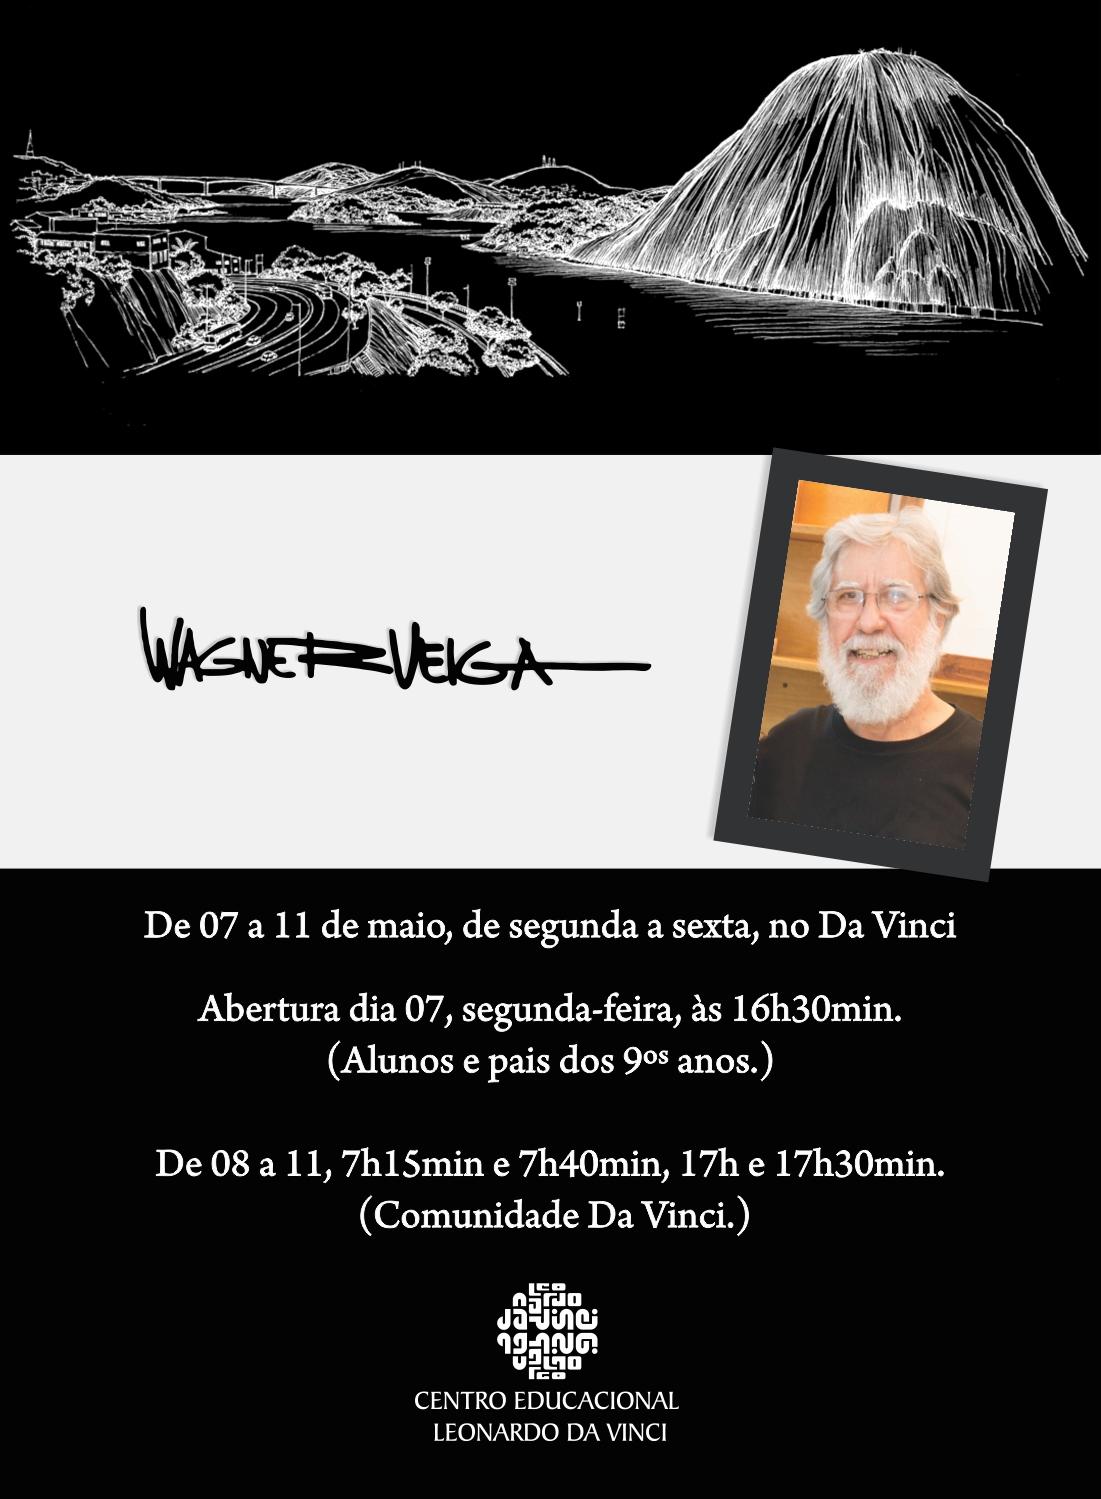 Exposição Wagner Veiga